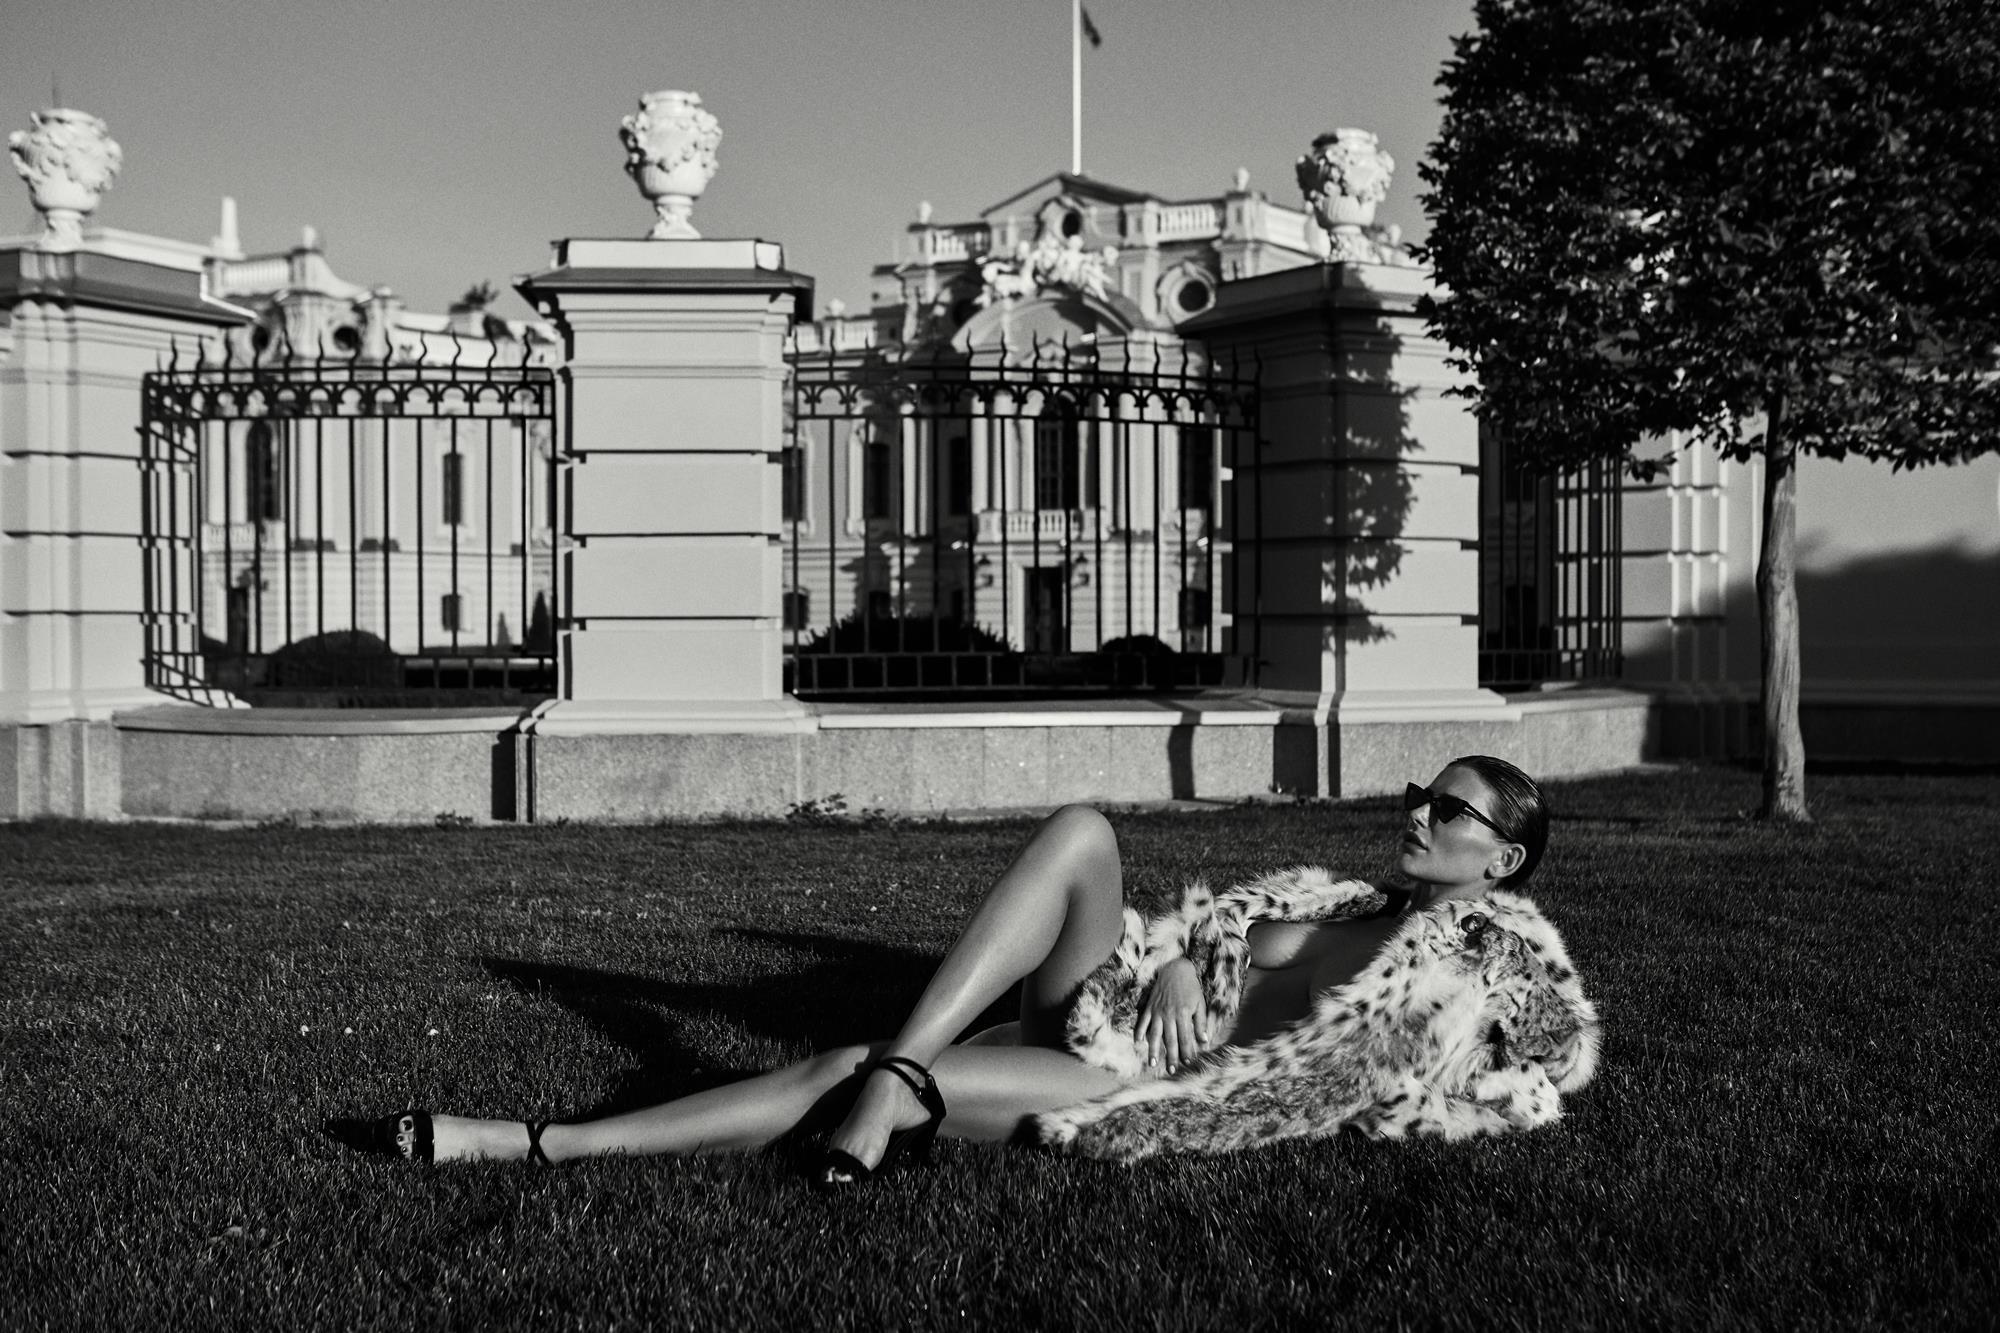 Виставка робіт Сержа Сердюкова в рамках Kyiv Photo Week